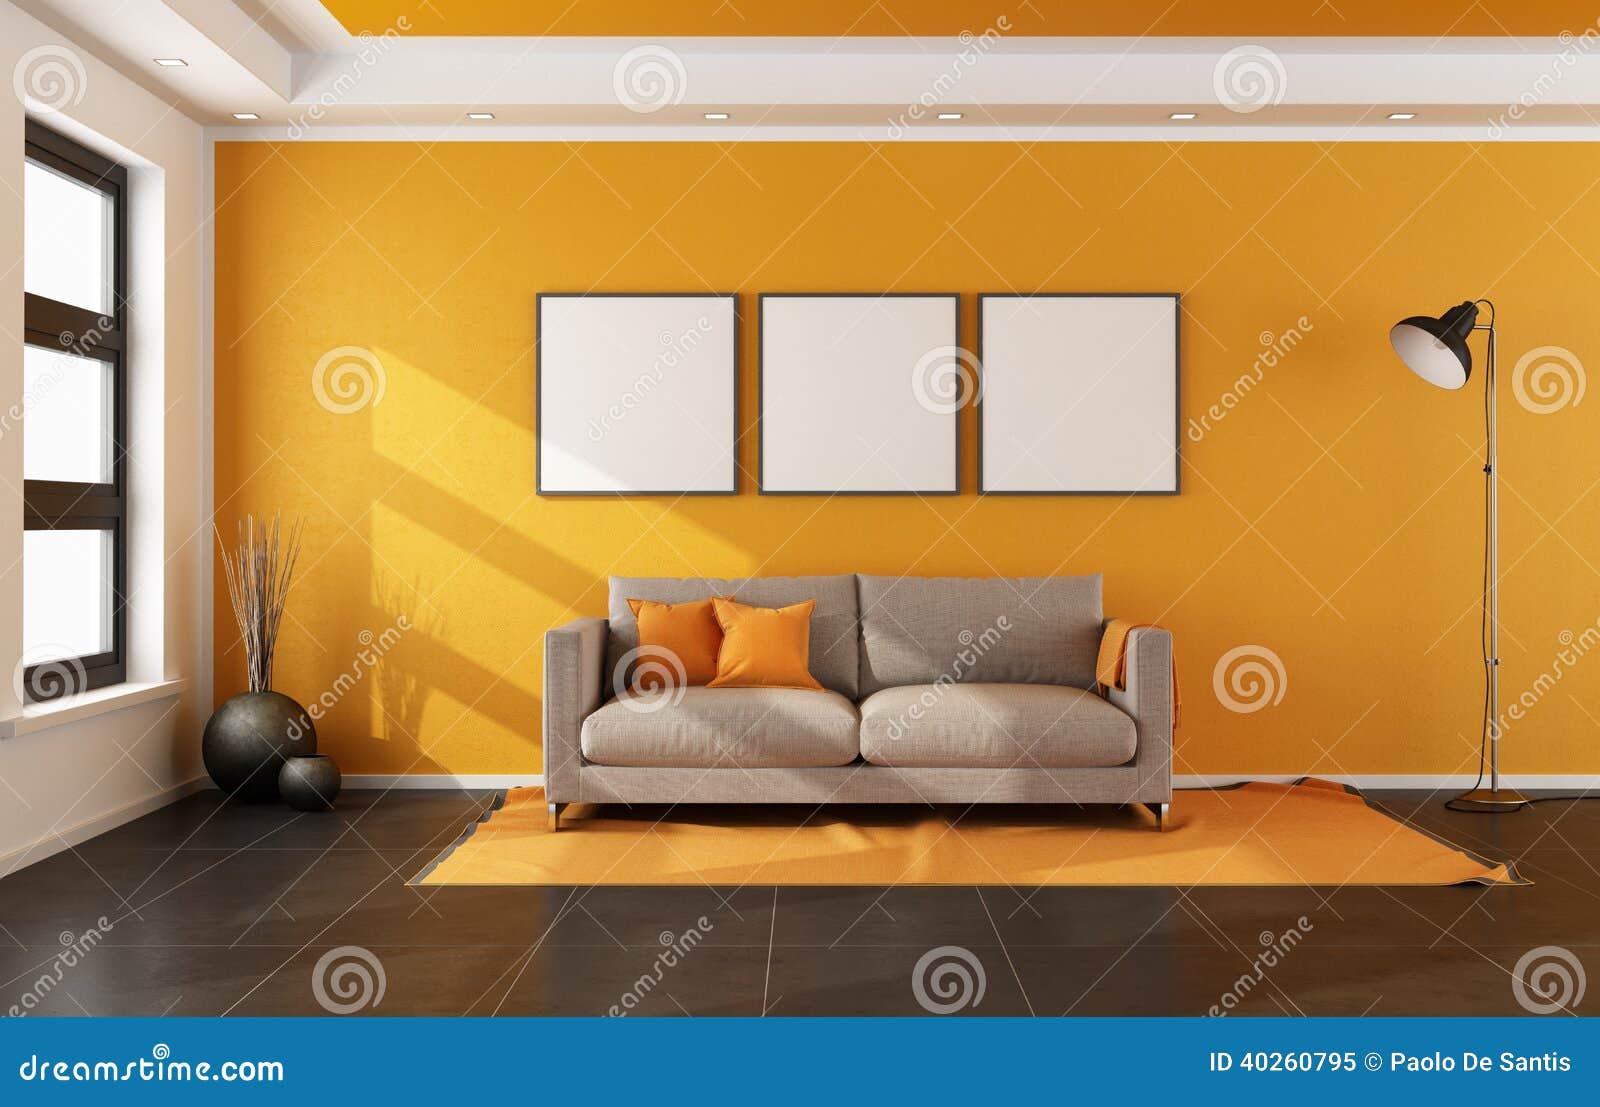 modernes wohnzimmer mit orange wand stock abbildung - bild: 40260795 - Orange Wand Wohnzimmer